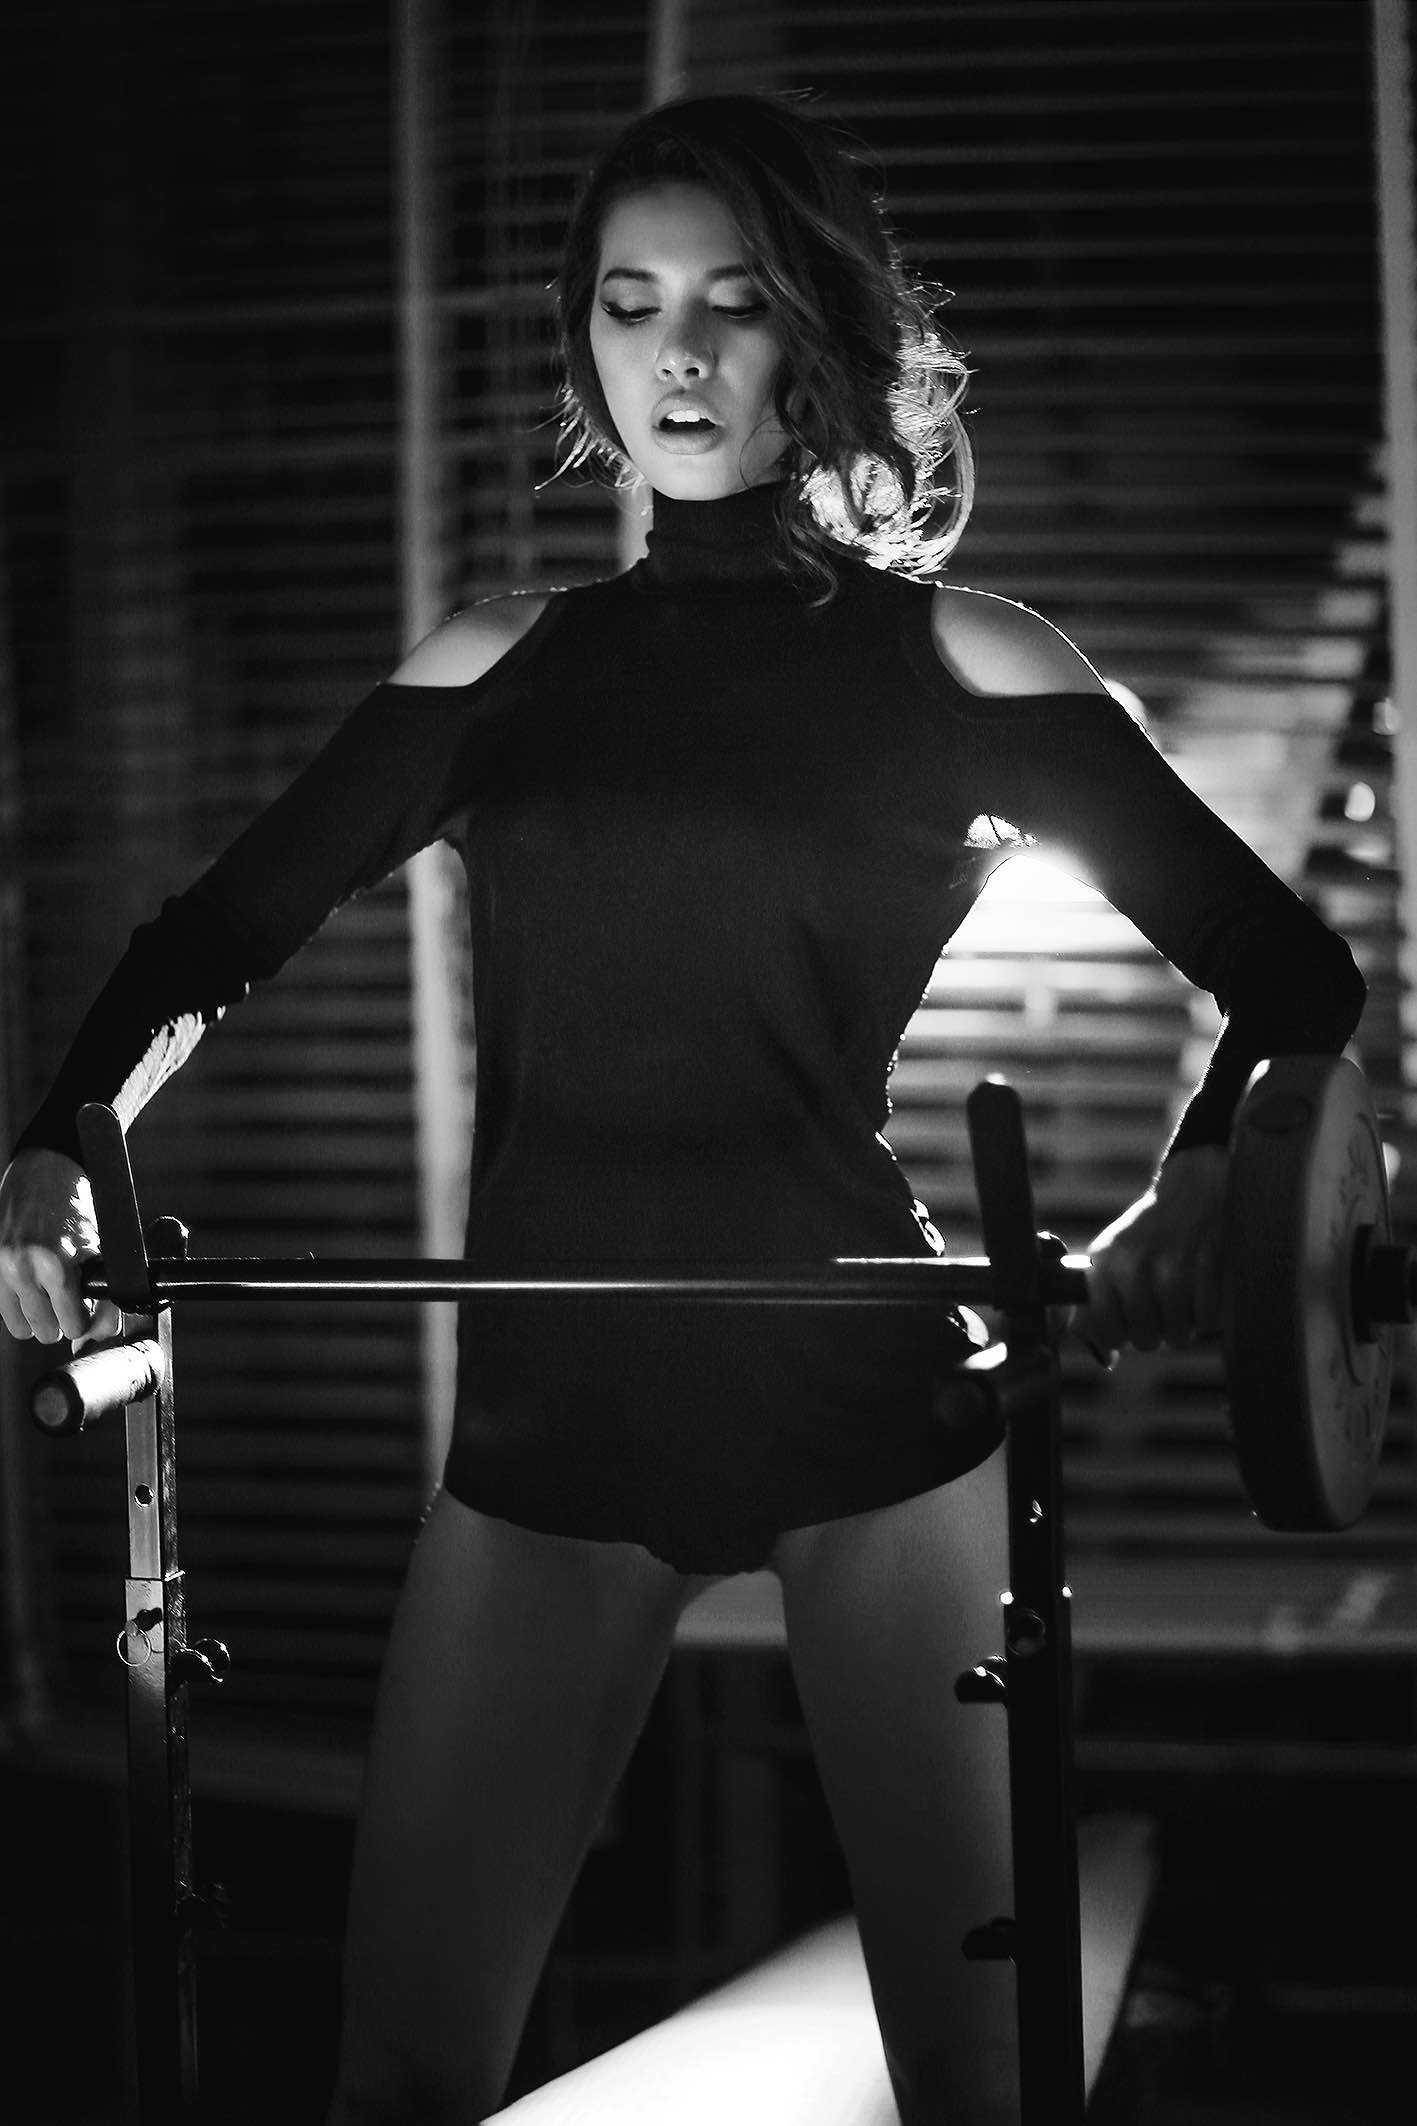 """Gần đây, nàng da nâu nóng bỏng ít """"phủ sóng"""" tại những sàn diễn thời trang, vì người đẹp miệt mài dành thời gian tại phòng gym để thực hiện cuộc cách mạng mới, trở thành hình tượng fitness model, một hình mẫu năng động, khoẻ mạnh truyền cảm hứng tự tin cho những bạn gái yêu cái đẹp, thể thao."""